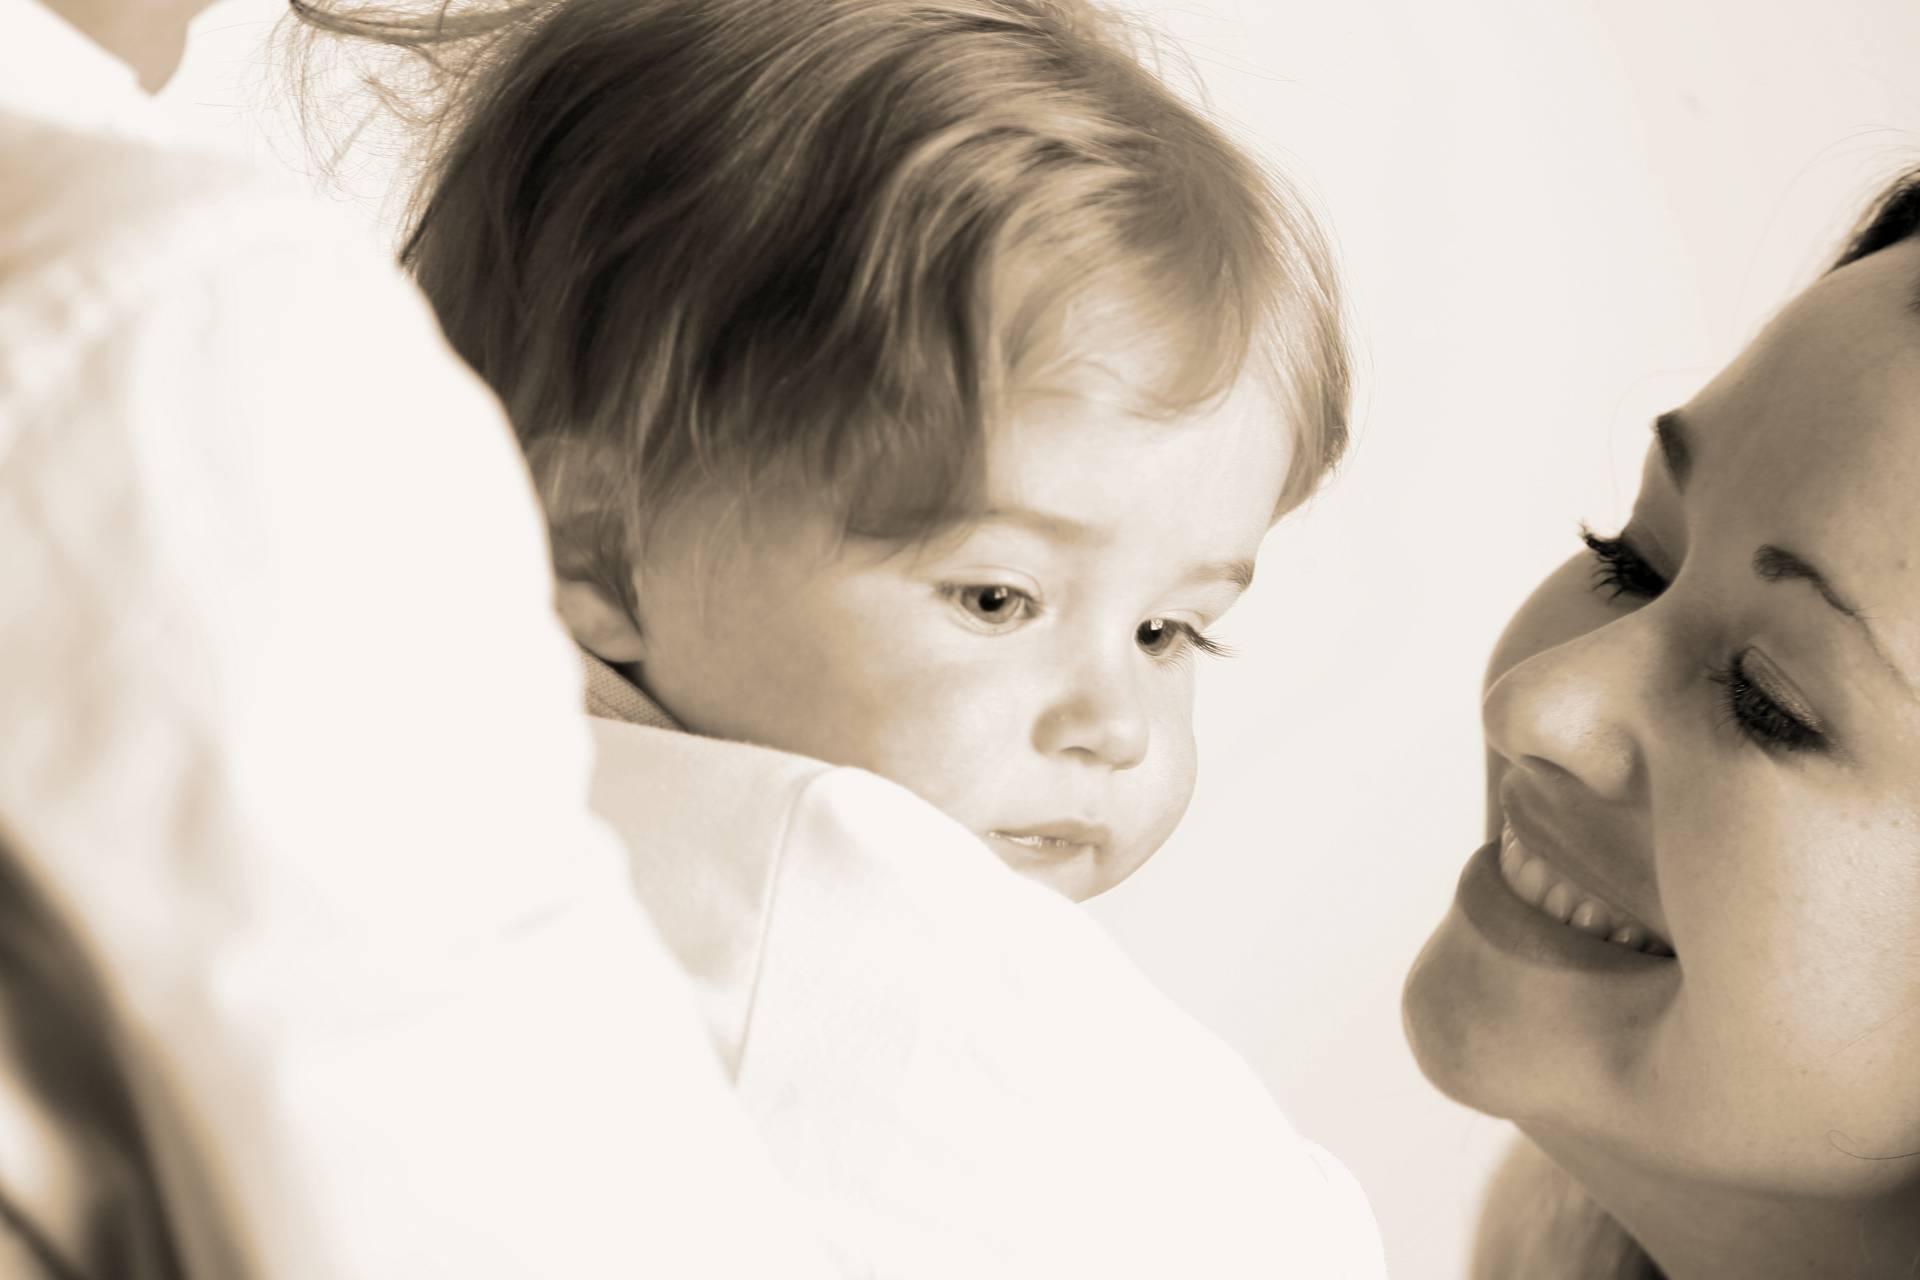 Le chant de la mère sur son bébé